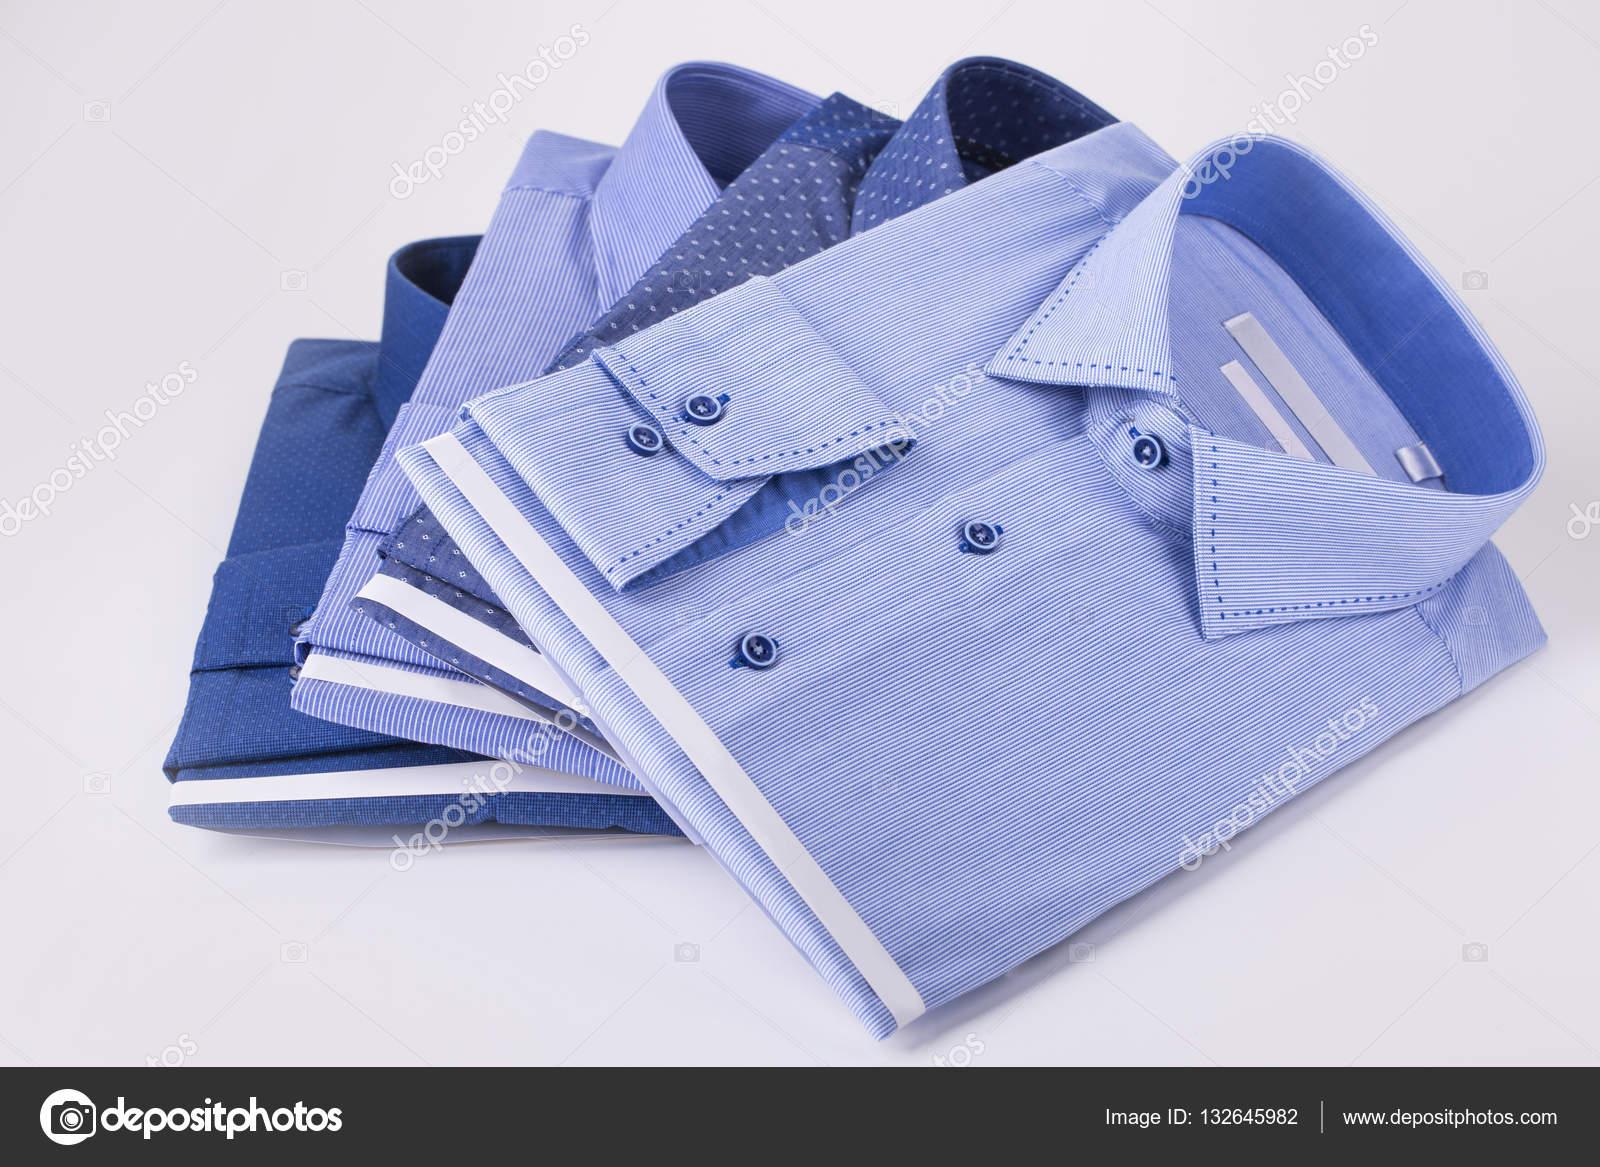 dff9eab5257e Κλασικά ανδρικά πουκάμισα στοιβάζονται — Φωτογραφία Αρχείου ...